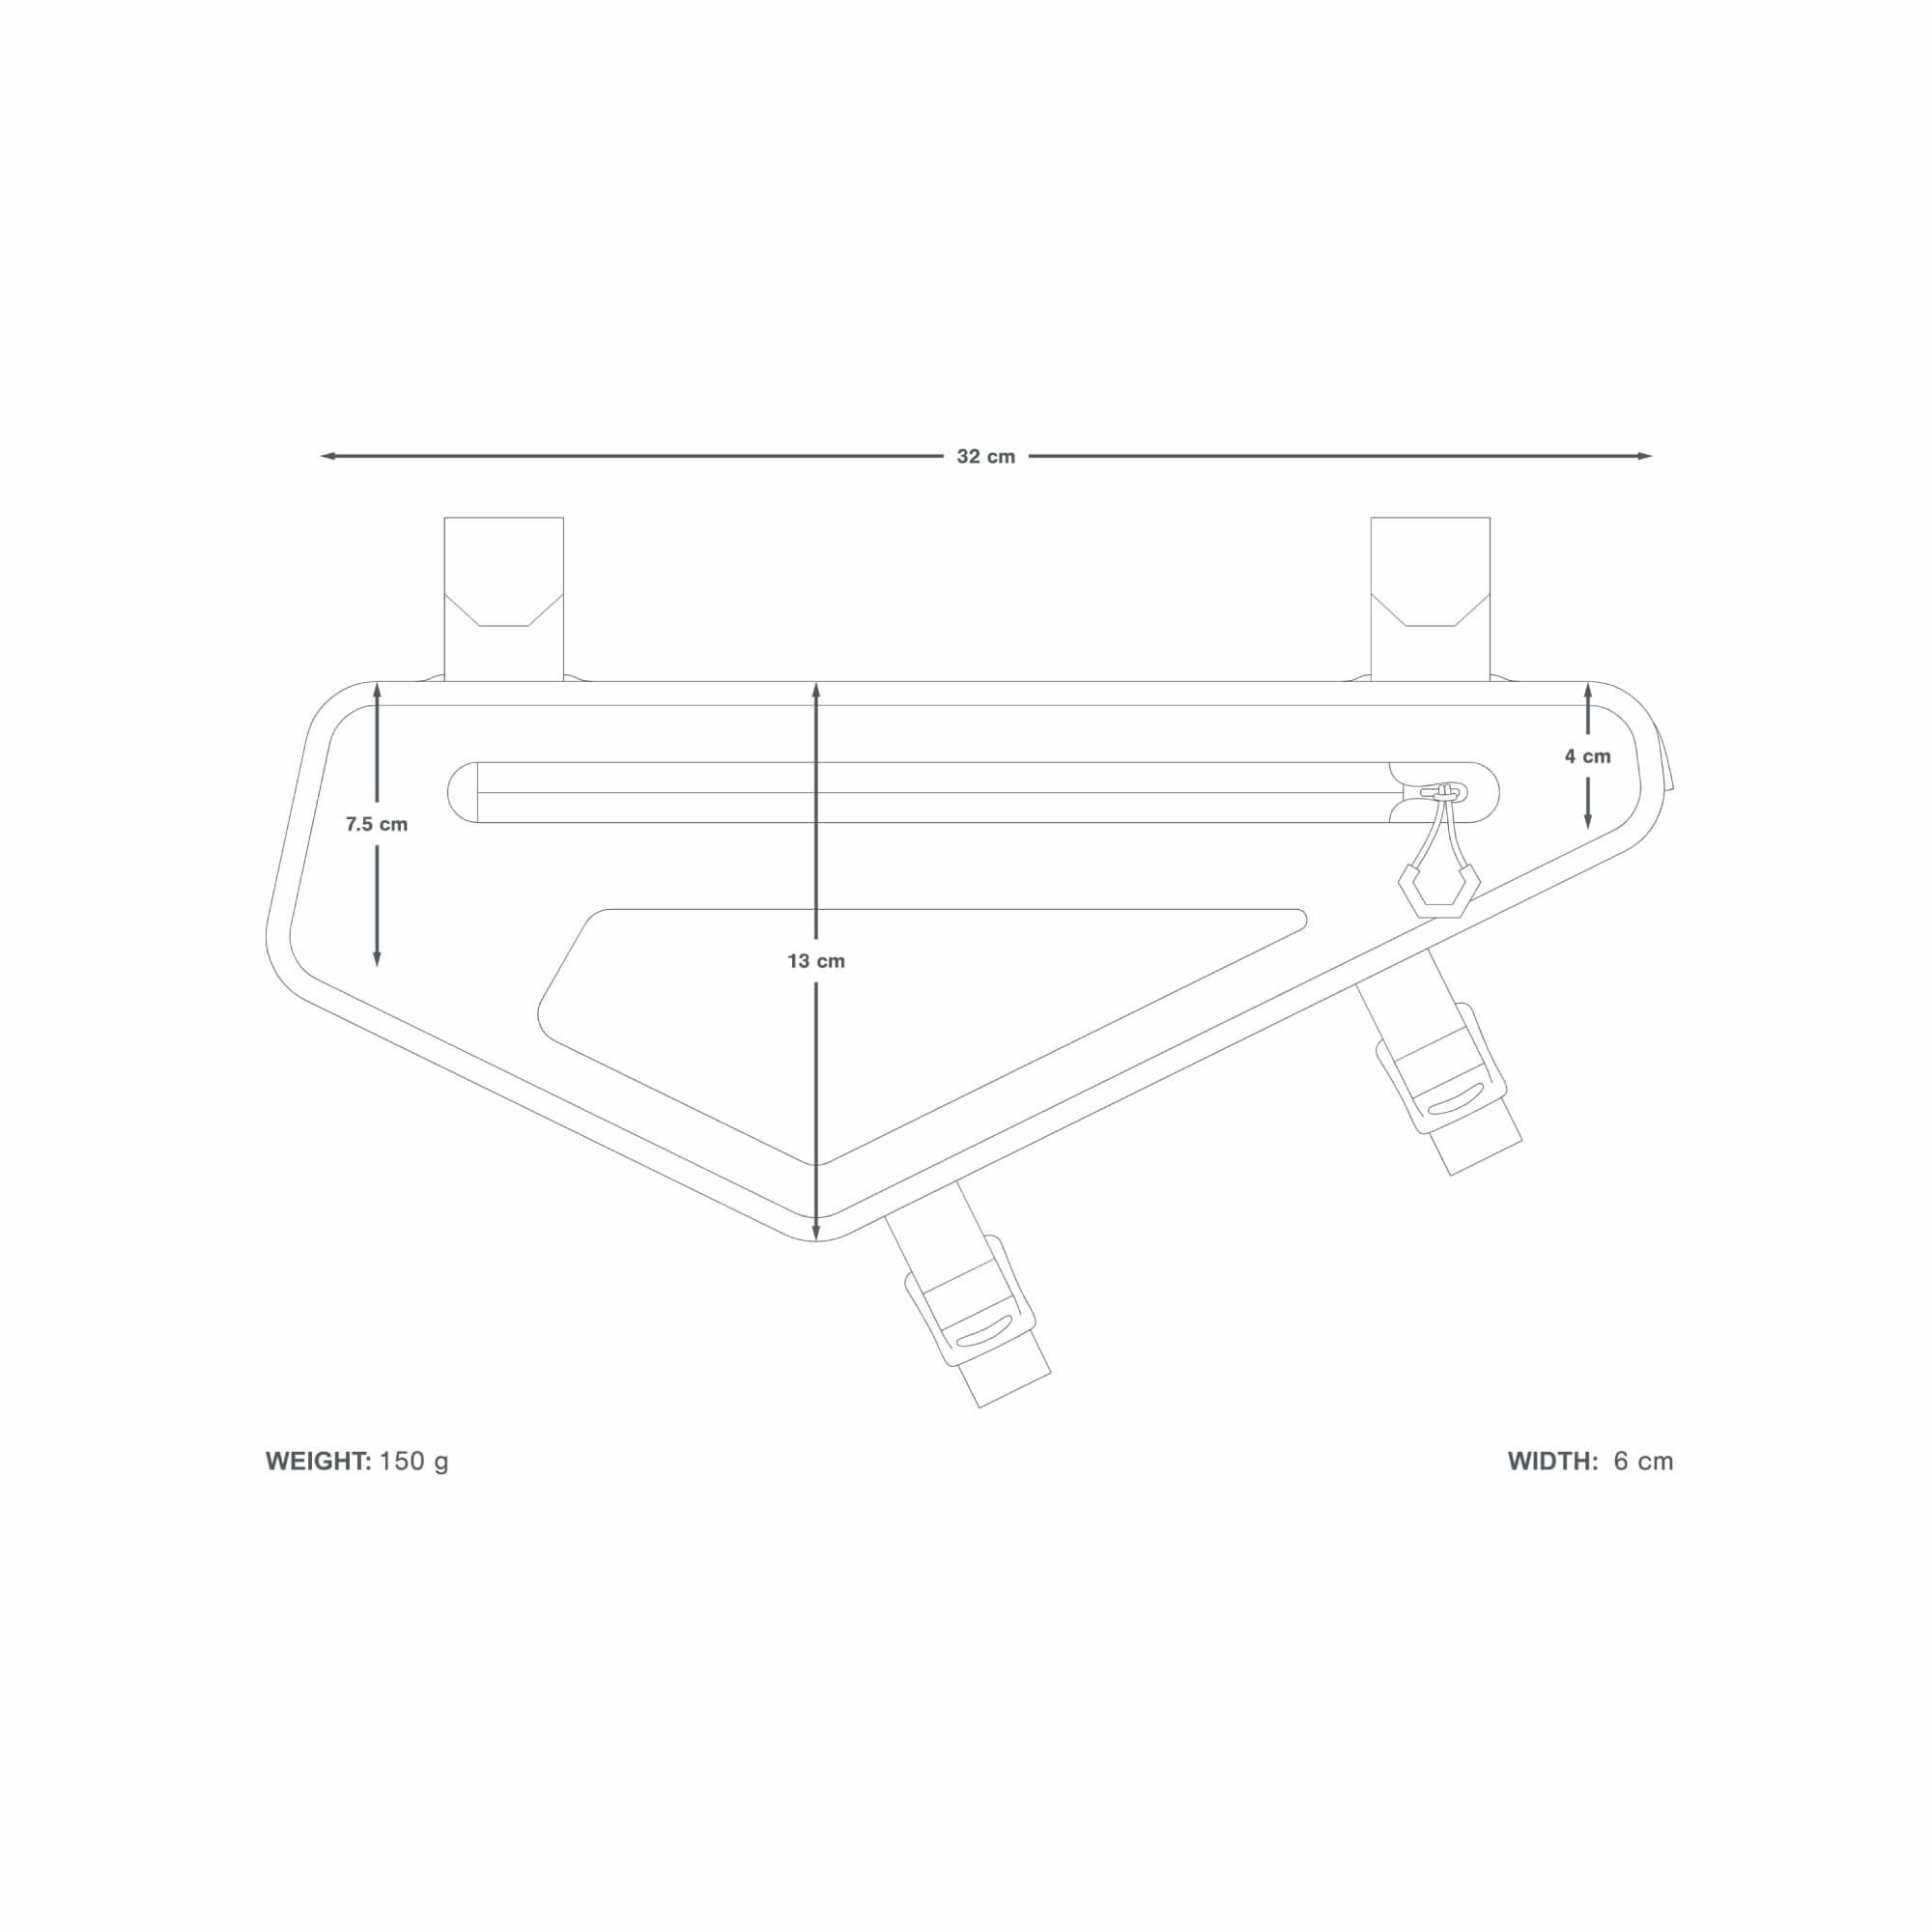 Backcountry2 Frame Pack 2 L-5